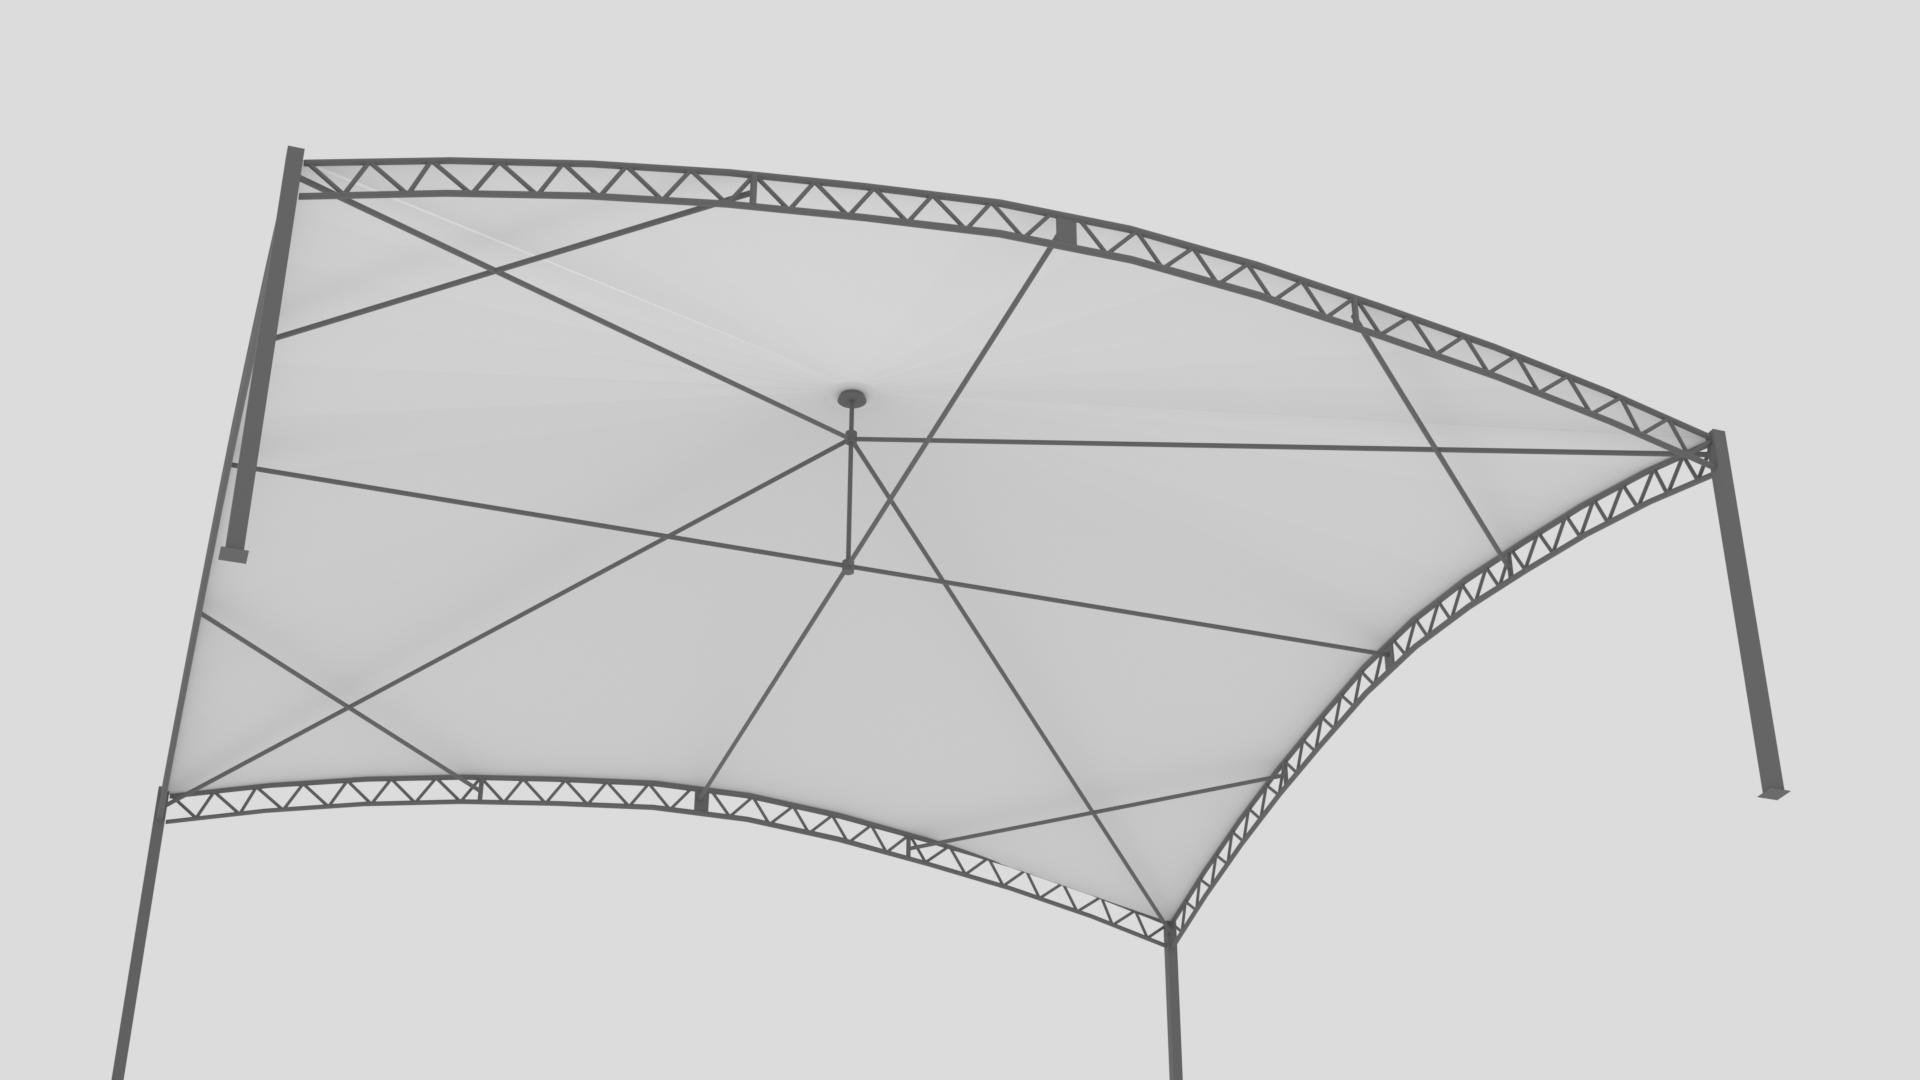 10mテント下側